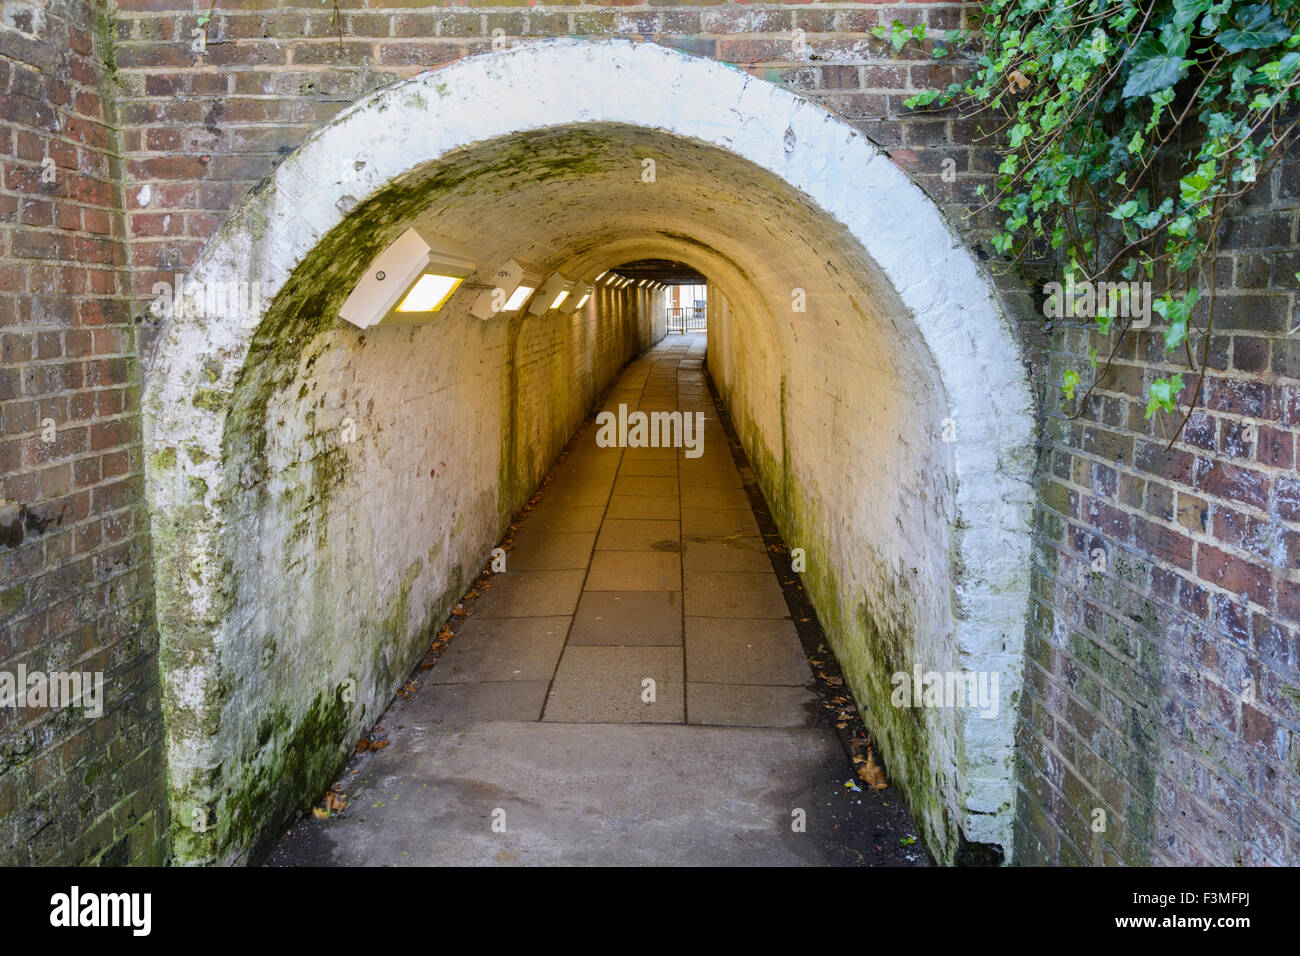 Ivy Arch tunnel piéton sous un chemin de fer à Worthing, West Sussex, Angleterre, Royaume-Uni. Banque D'Images